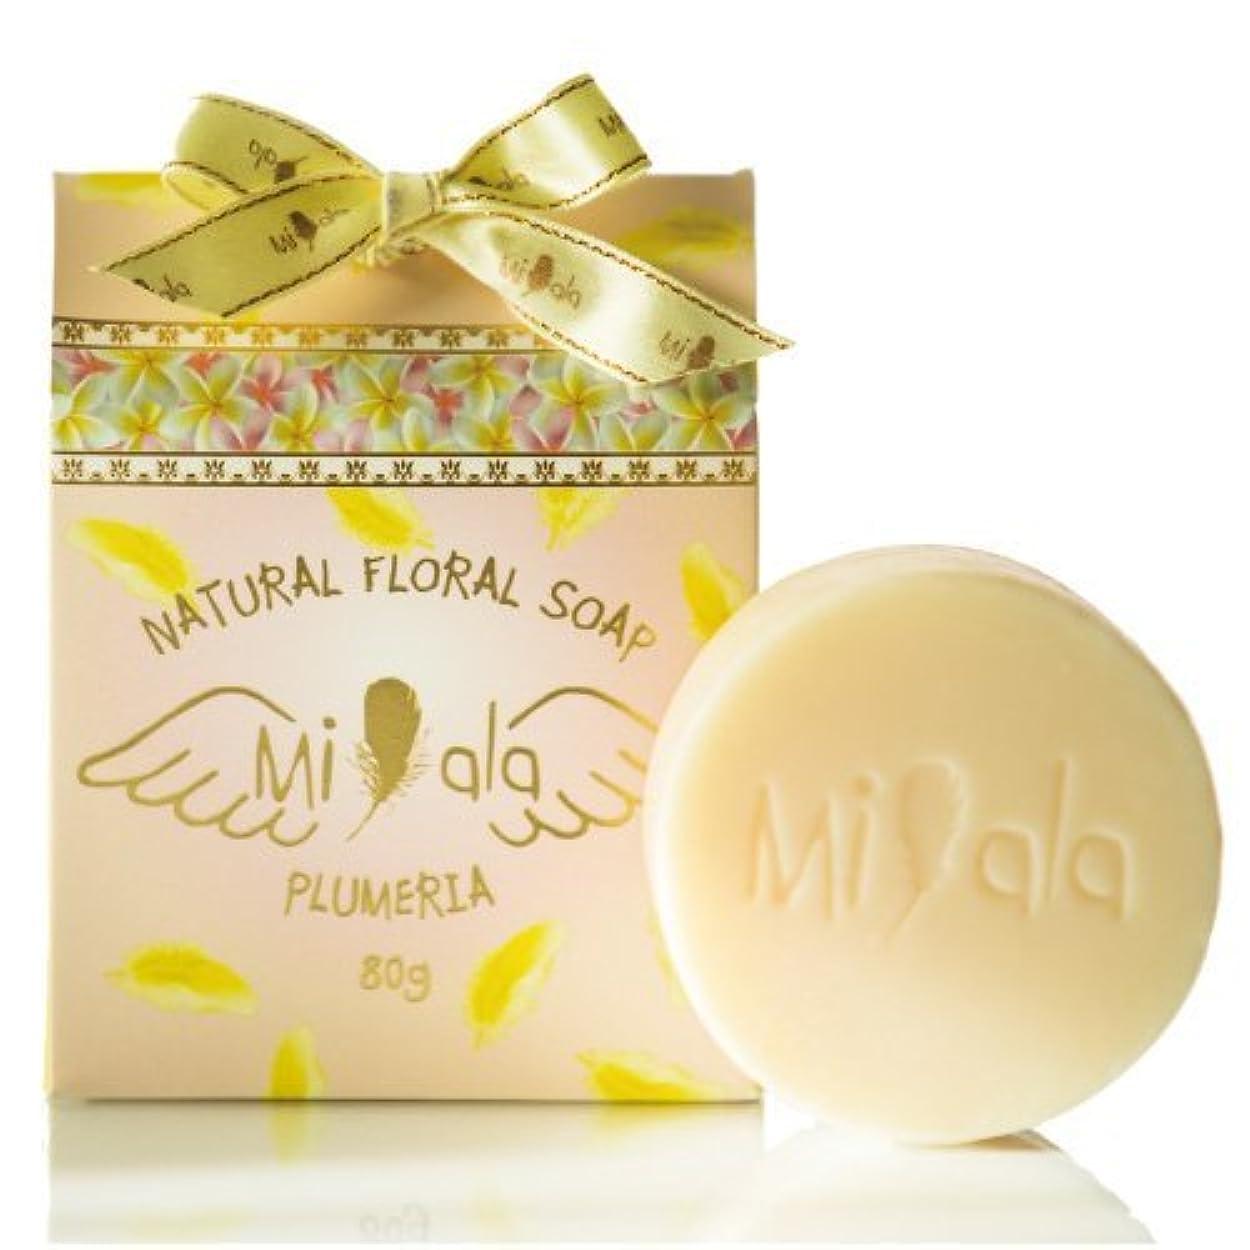 うまくいけばカトリック教徒頭痛ミアラ フローラルソープ プルメリアの香り 80g